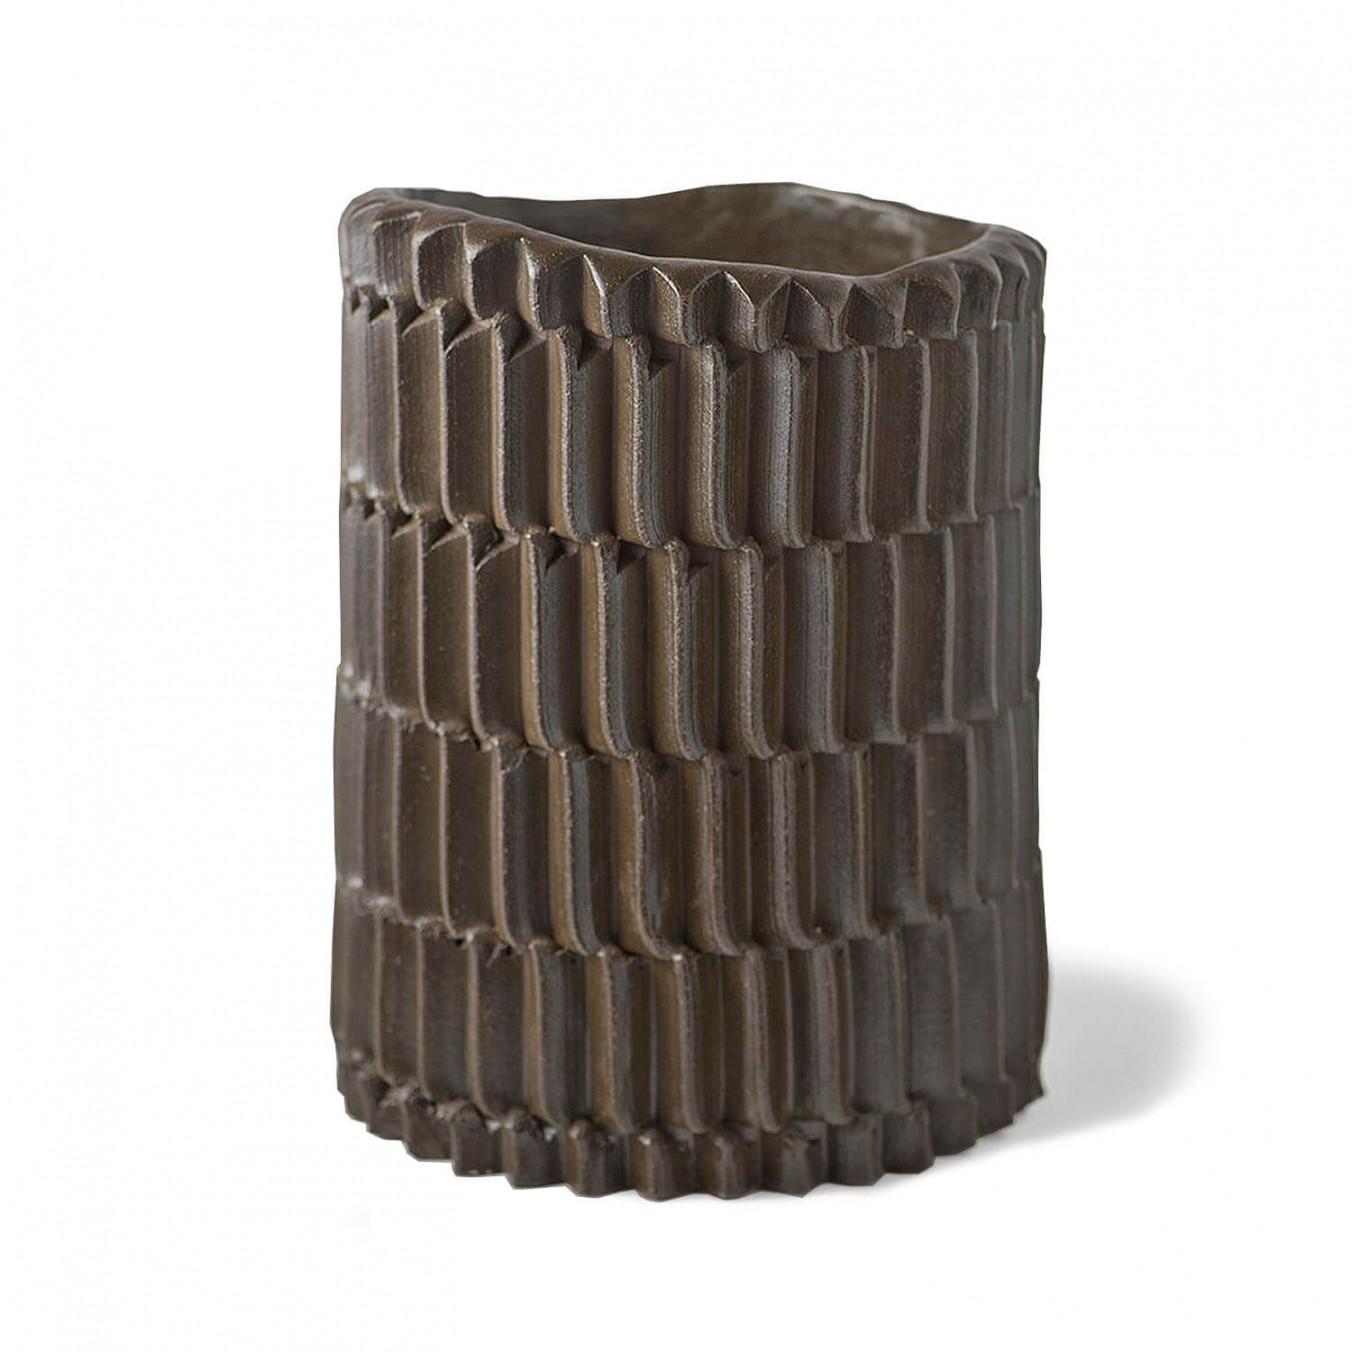 Iguana vase - large